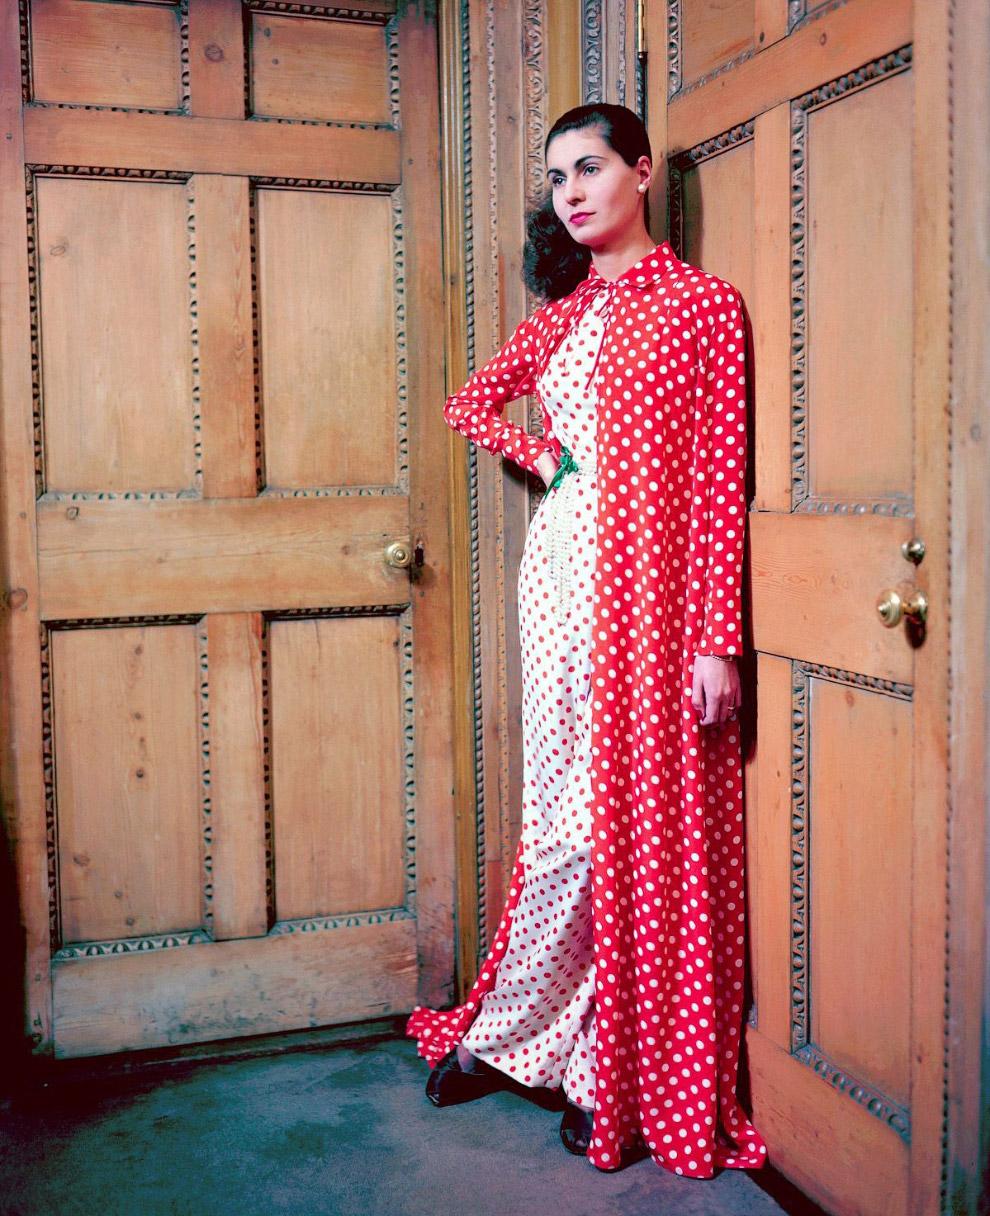 Графиня Де Куинтанилла в одежде от Мэри Блэк. Фото Женевьев Нейлор, 1948 год.